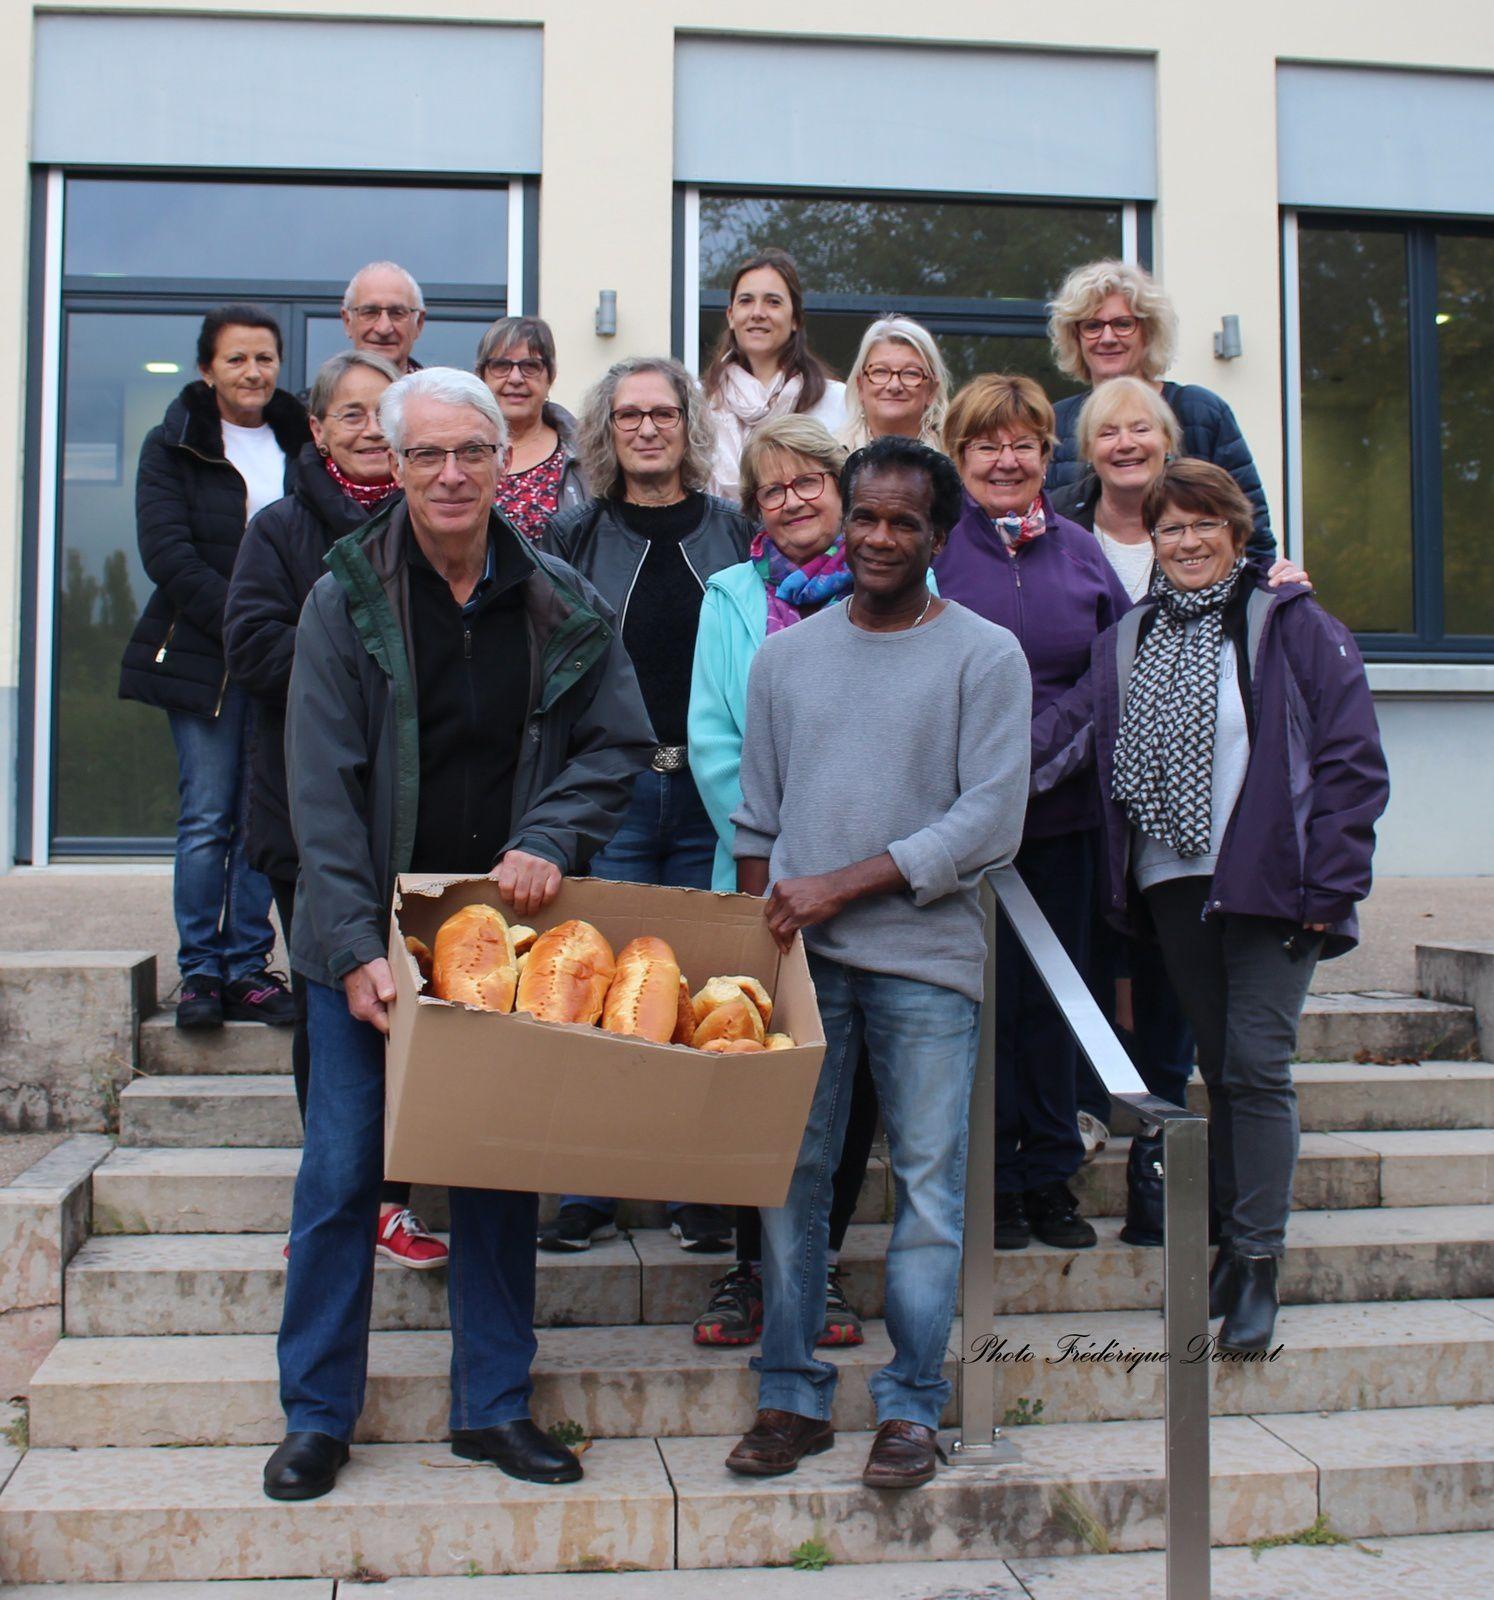 Vente de brioches au profit de l'association Espoir Isère contre le Cancer.